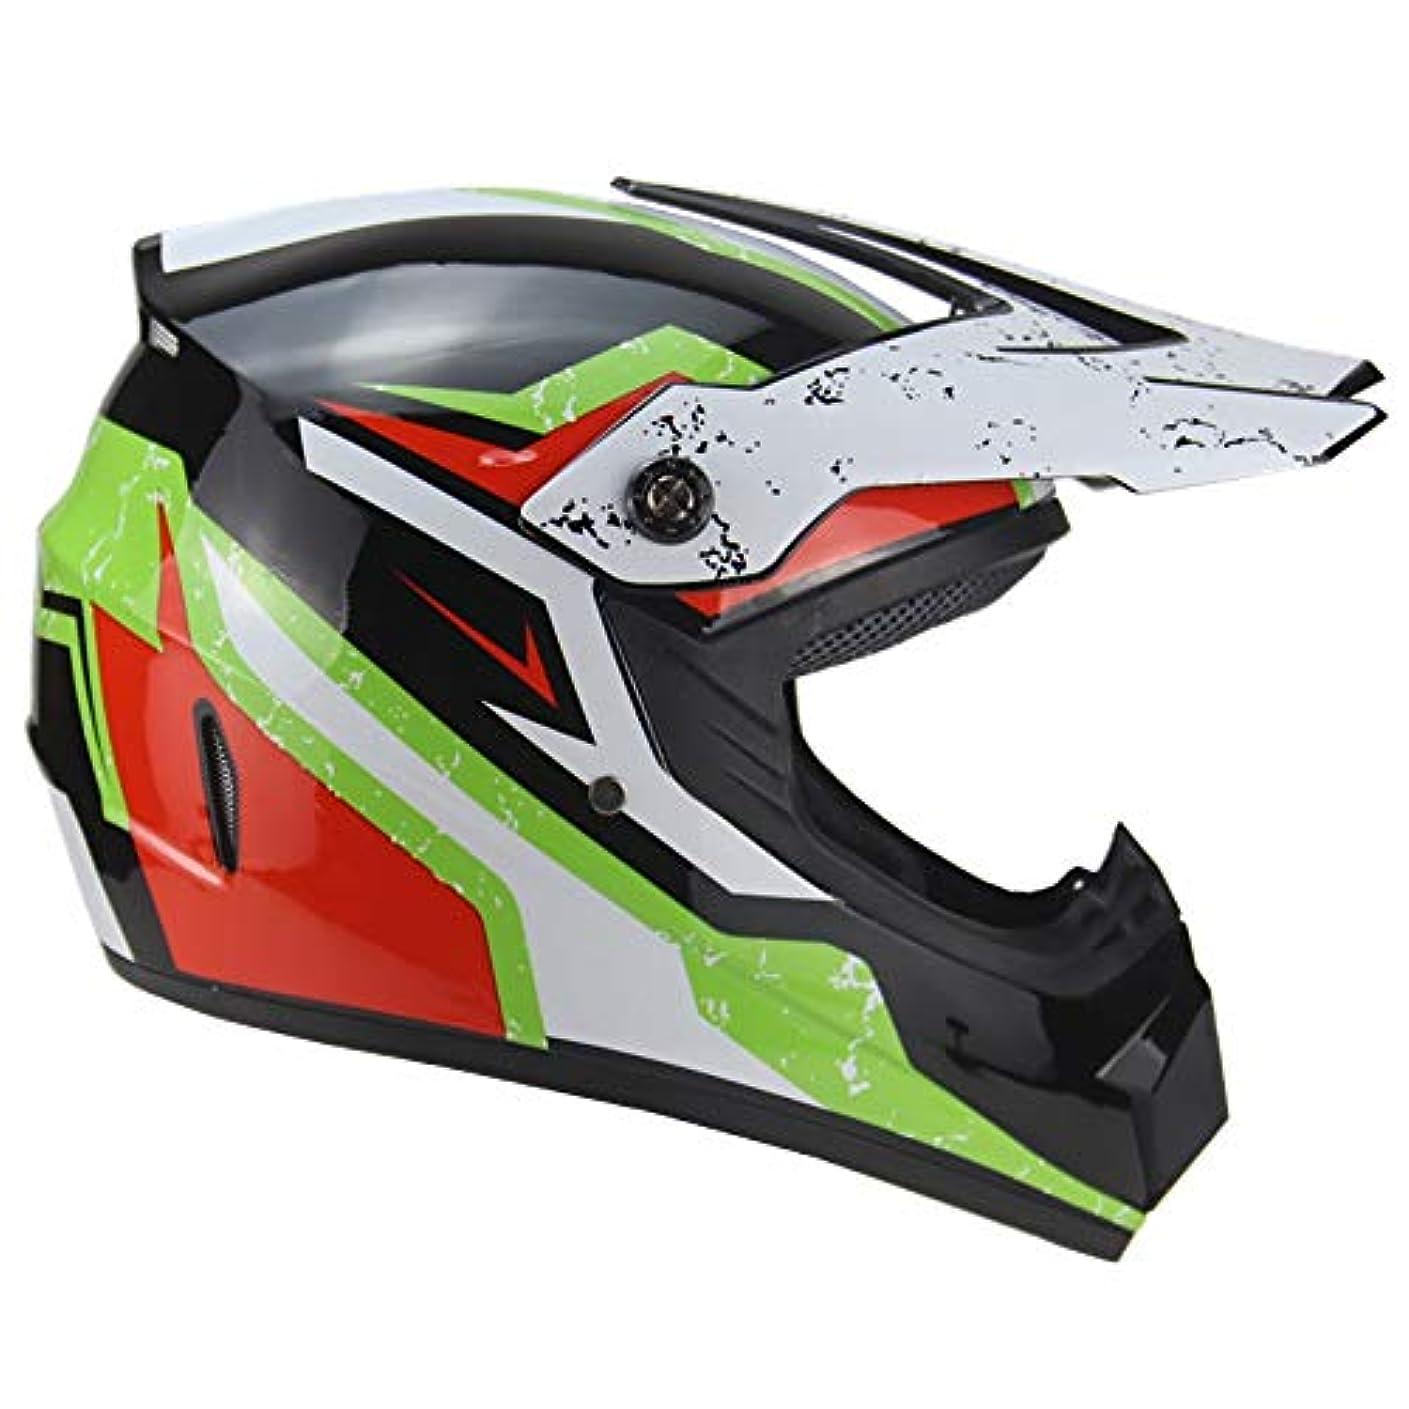 葉を集める削減背が高いQRY カラーグリーンクロスカントリーマウンテンフルフェイスオートバイヘルメットクラシック自転車mtb dhレーシングヘルメットモトクロスダウンヒルバイクヘルメット 幸せな生活 (Size : L)